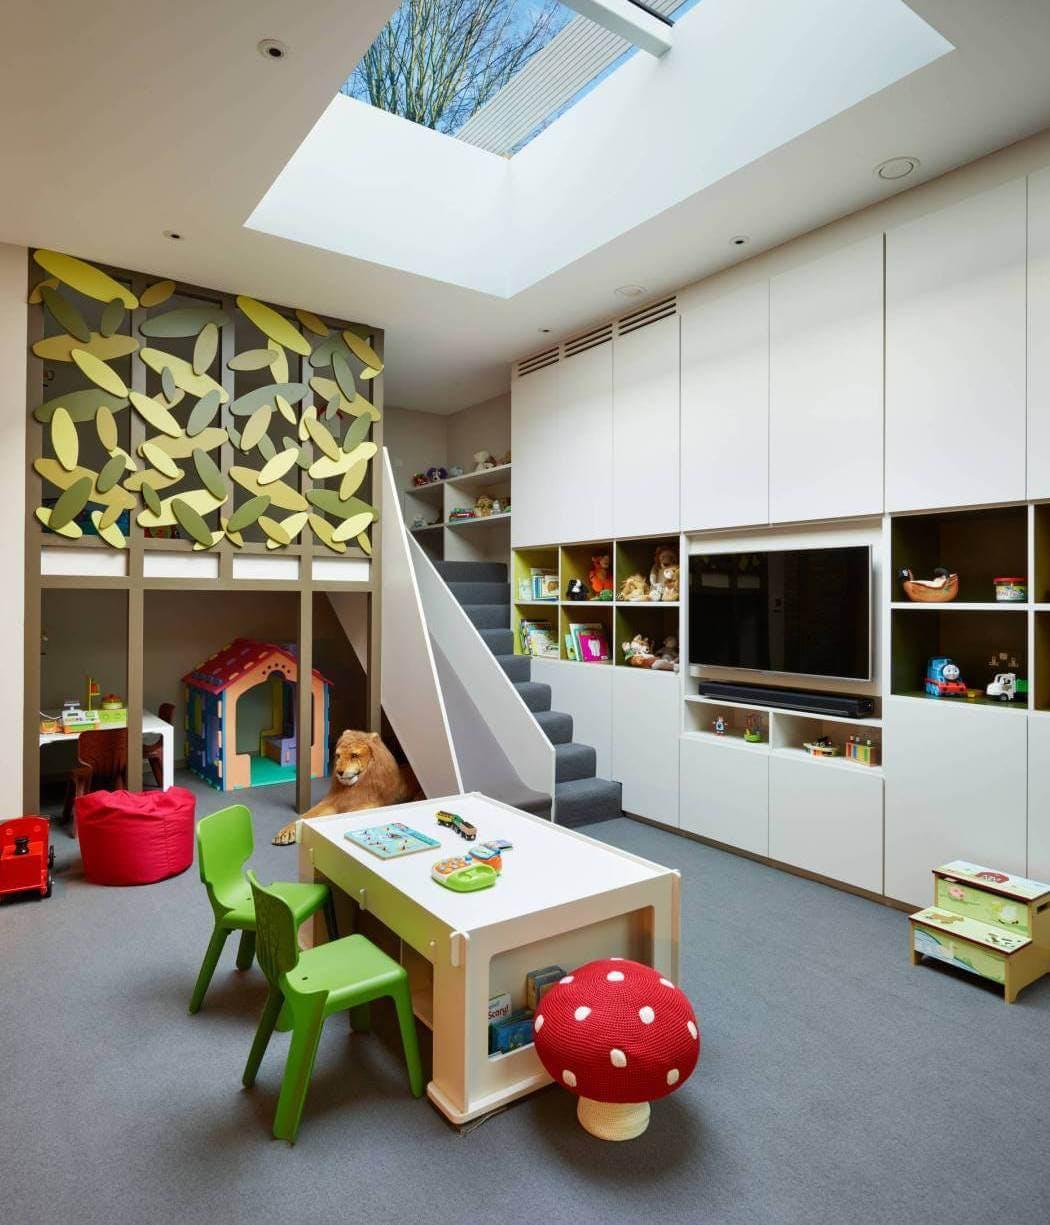 Réglementation d'un aménagement de sous-sol - Création d'une salle de jeux